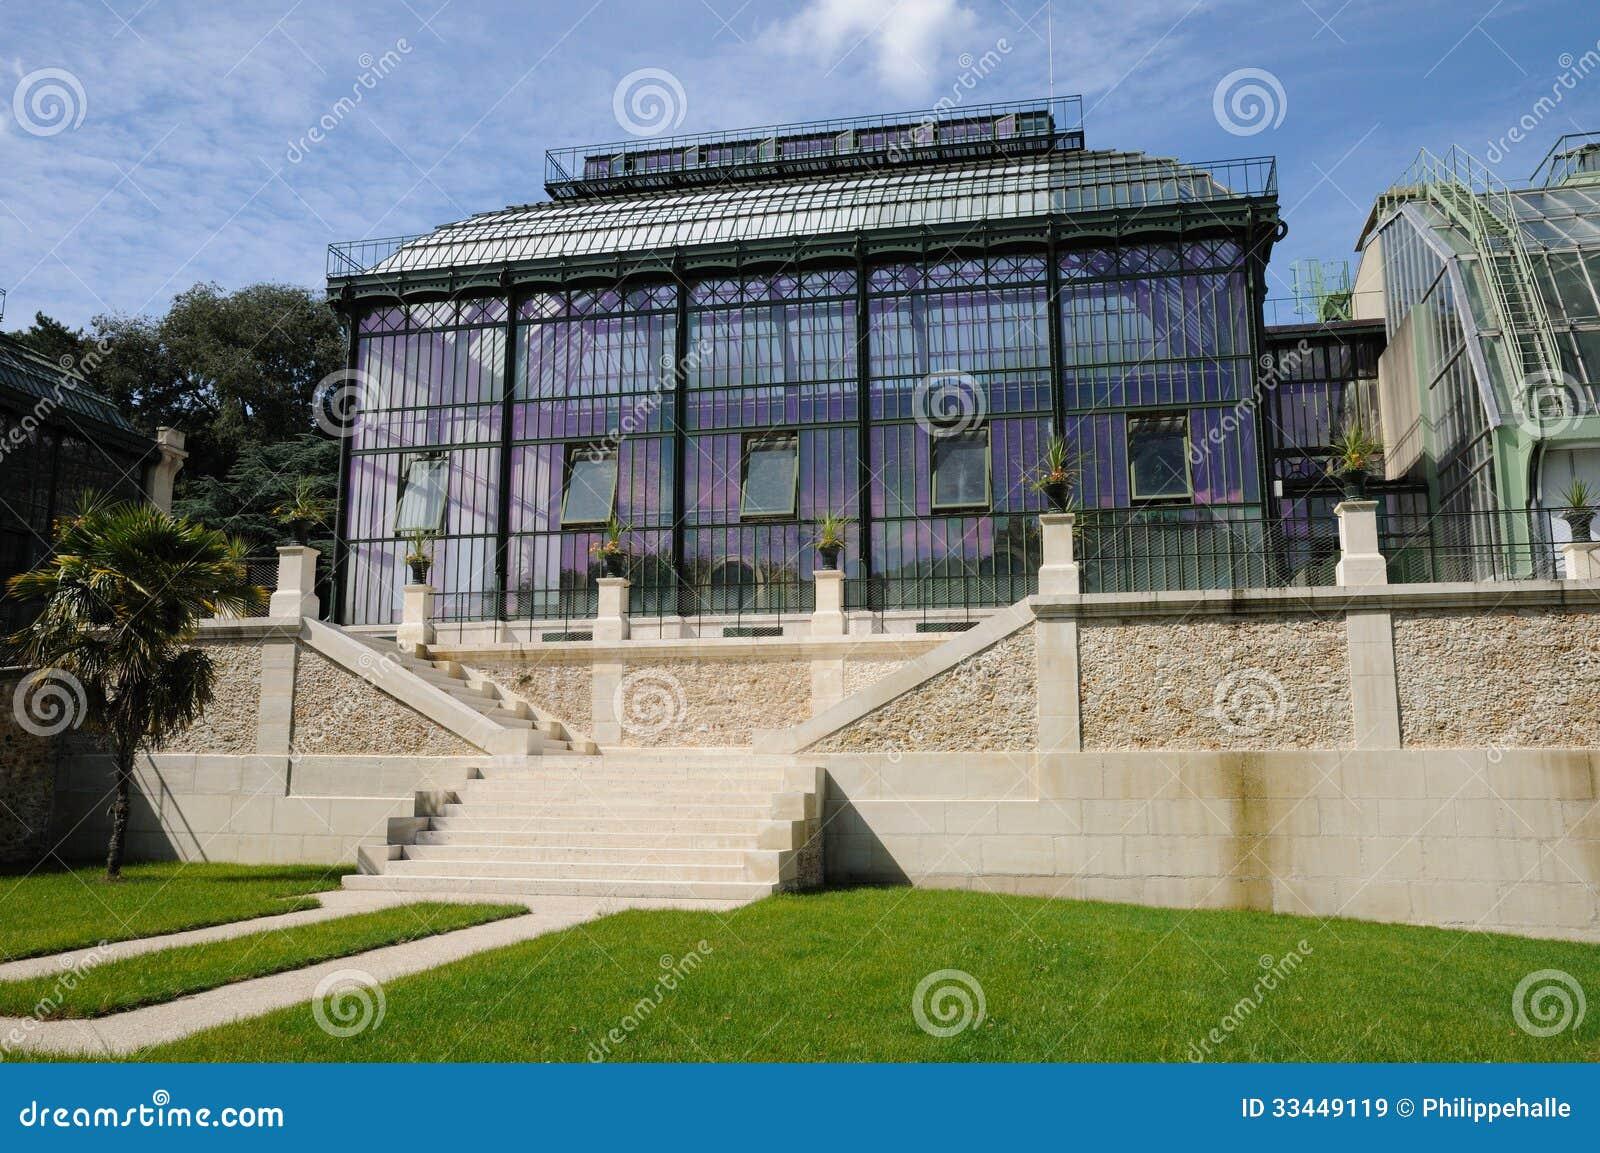 Le jardin des plantes ein botanischer garten in paris stockbild bild von outdoor park 33449119 - Le jardin des plantes paris ...